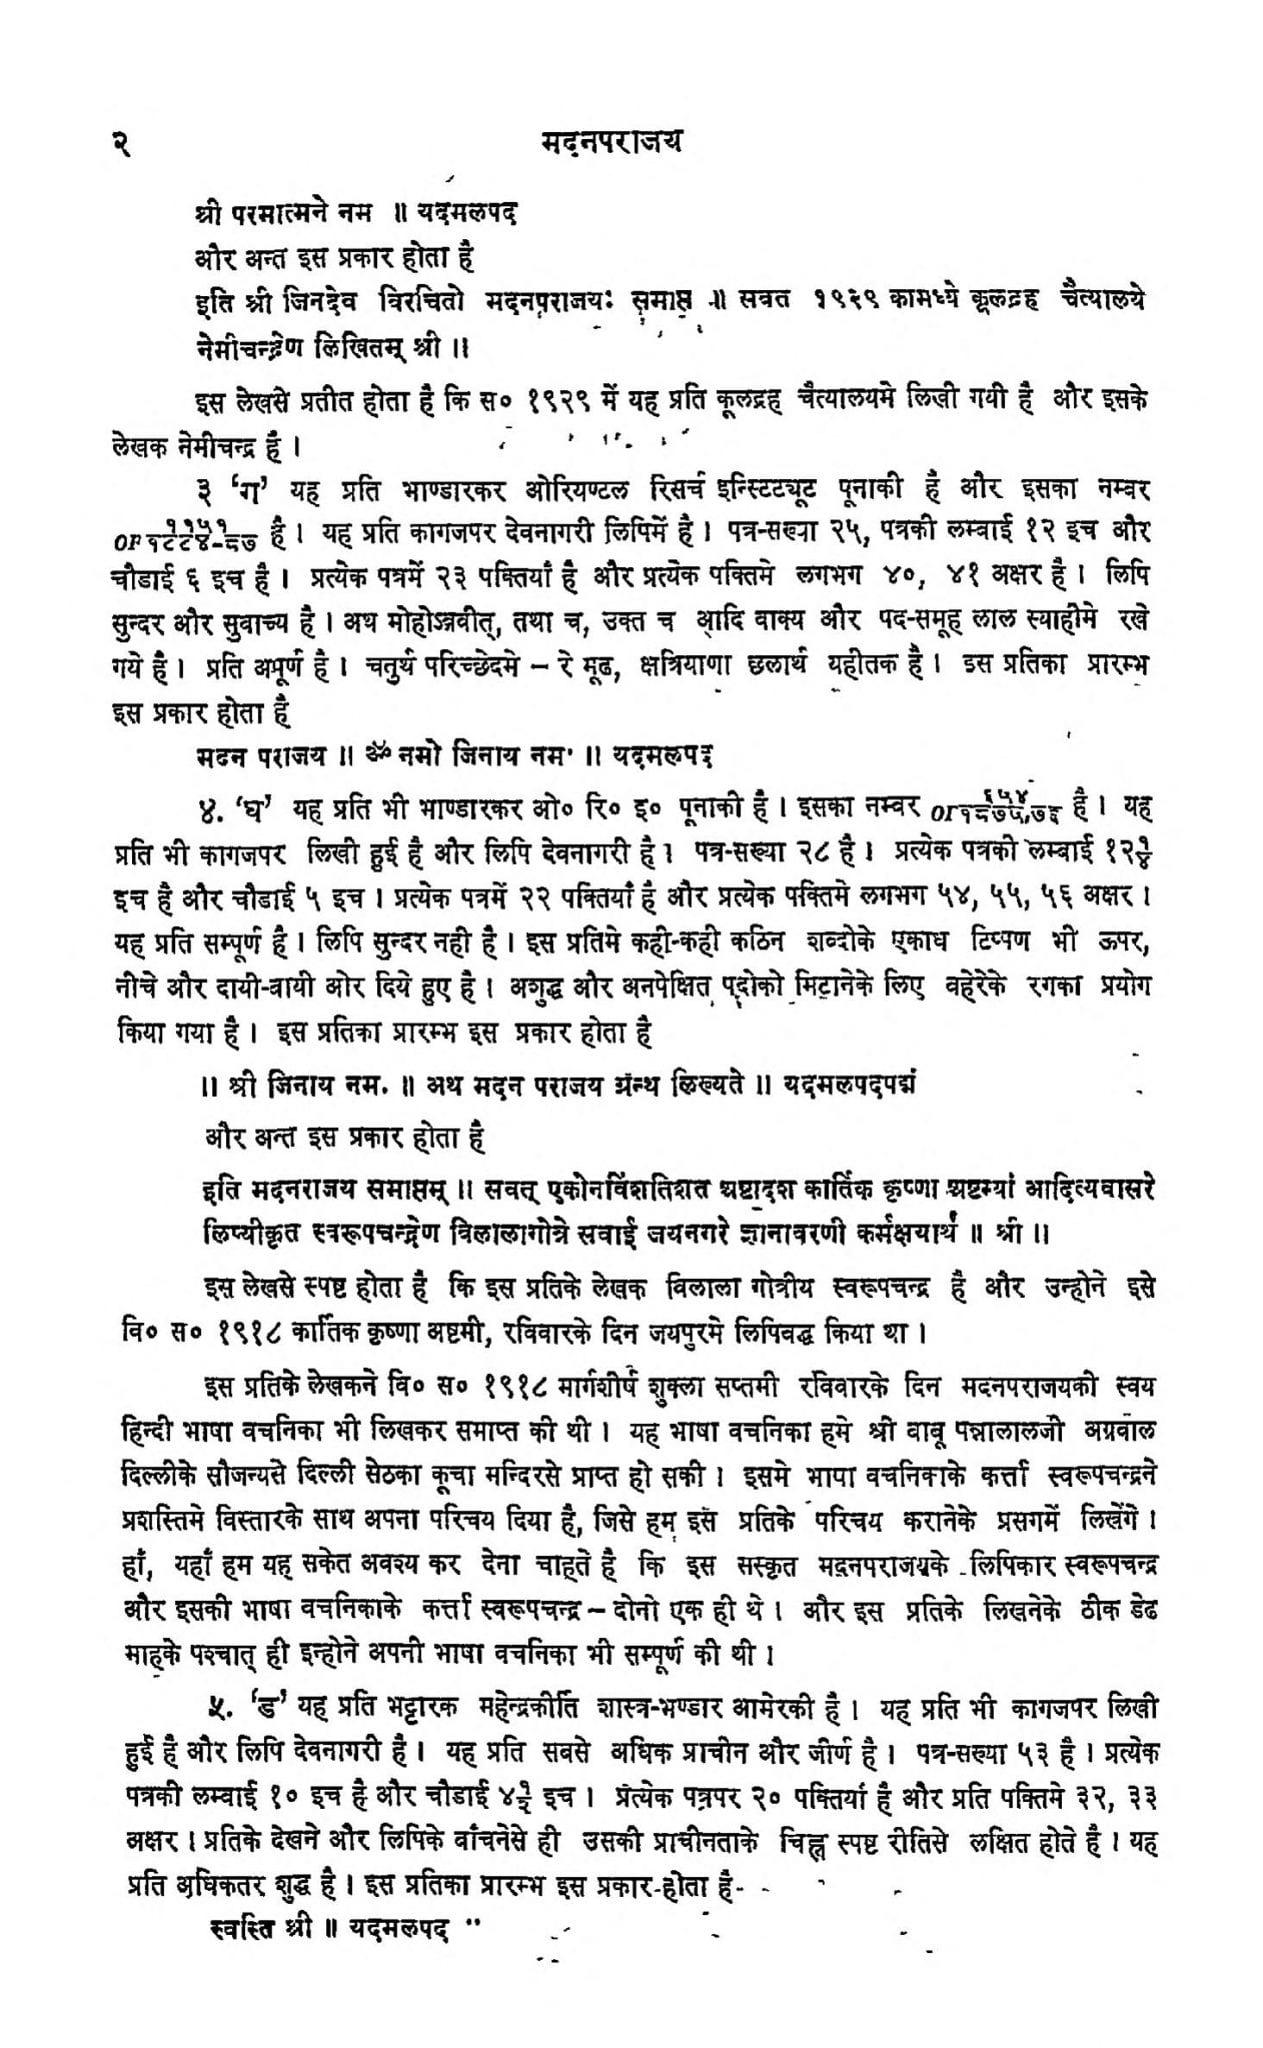 Madanaparajaya by हंसराज बच्छराज नाहटा - Hansraj Bachchharaj Nahata